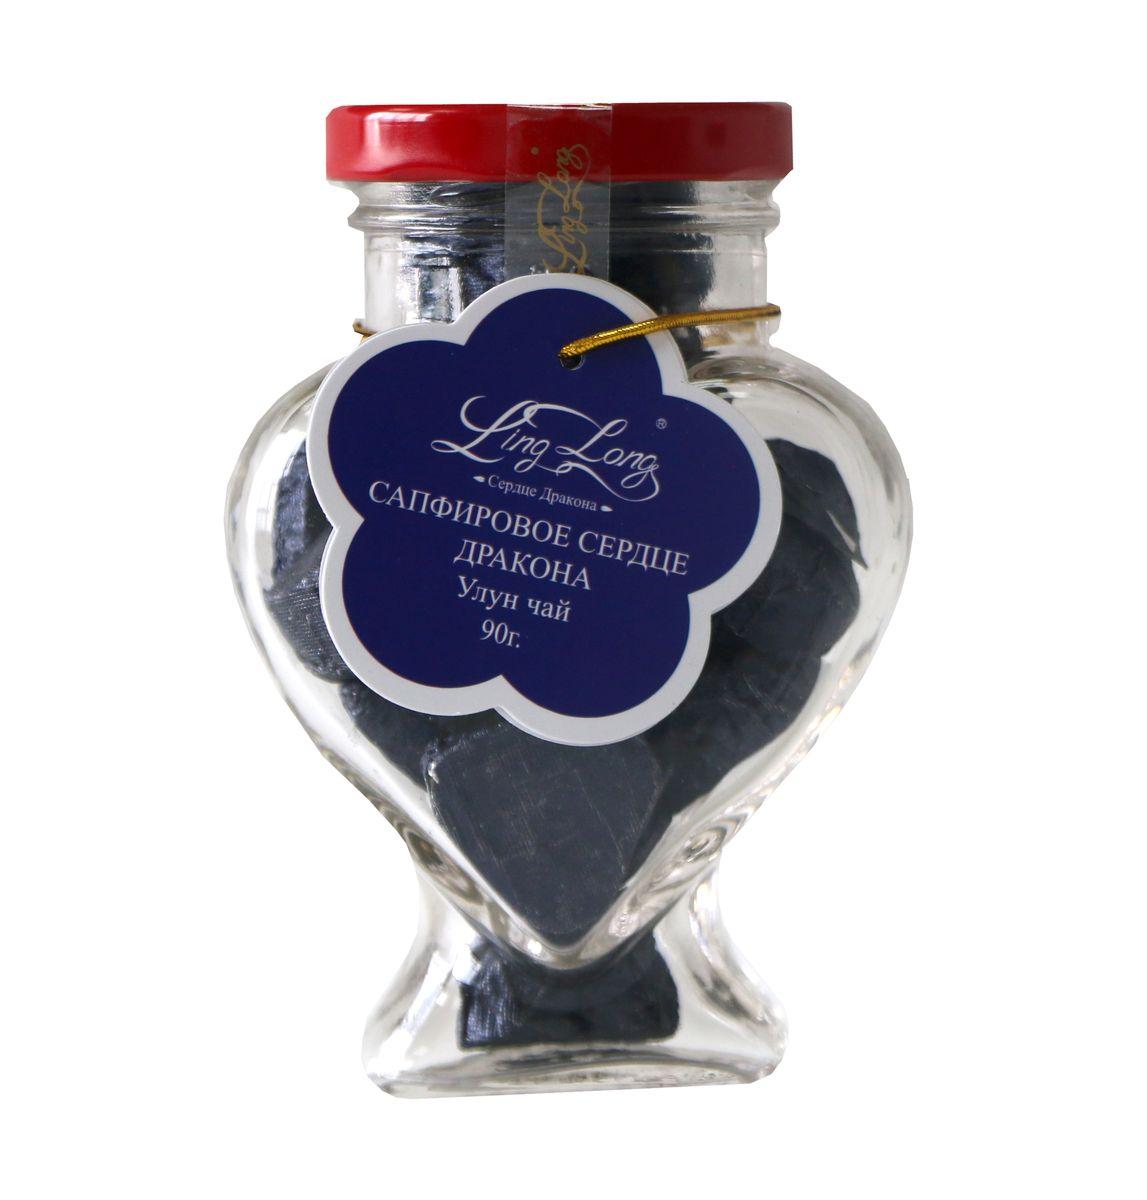 Ling Long Сапфировое сердце дракона листовой чай улун, 90 г (стеклянная банка)0120710Чай зелёный улун байховый китайский среднелистовой Ling Long Сапфировое сердце дракона. Спрессован в форме сердечек. Такой чай станет отличным подарком друзьям или близким.